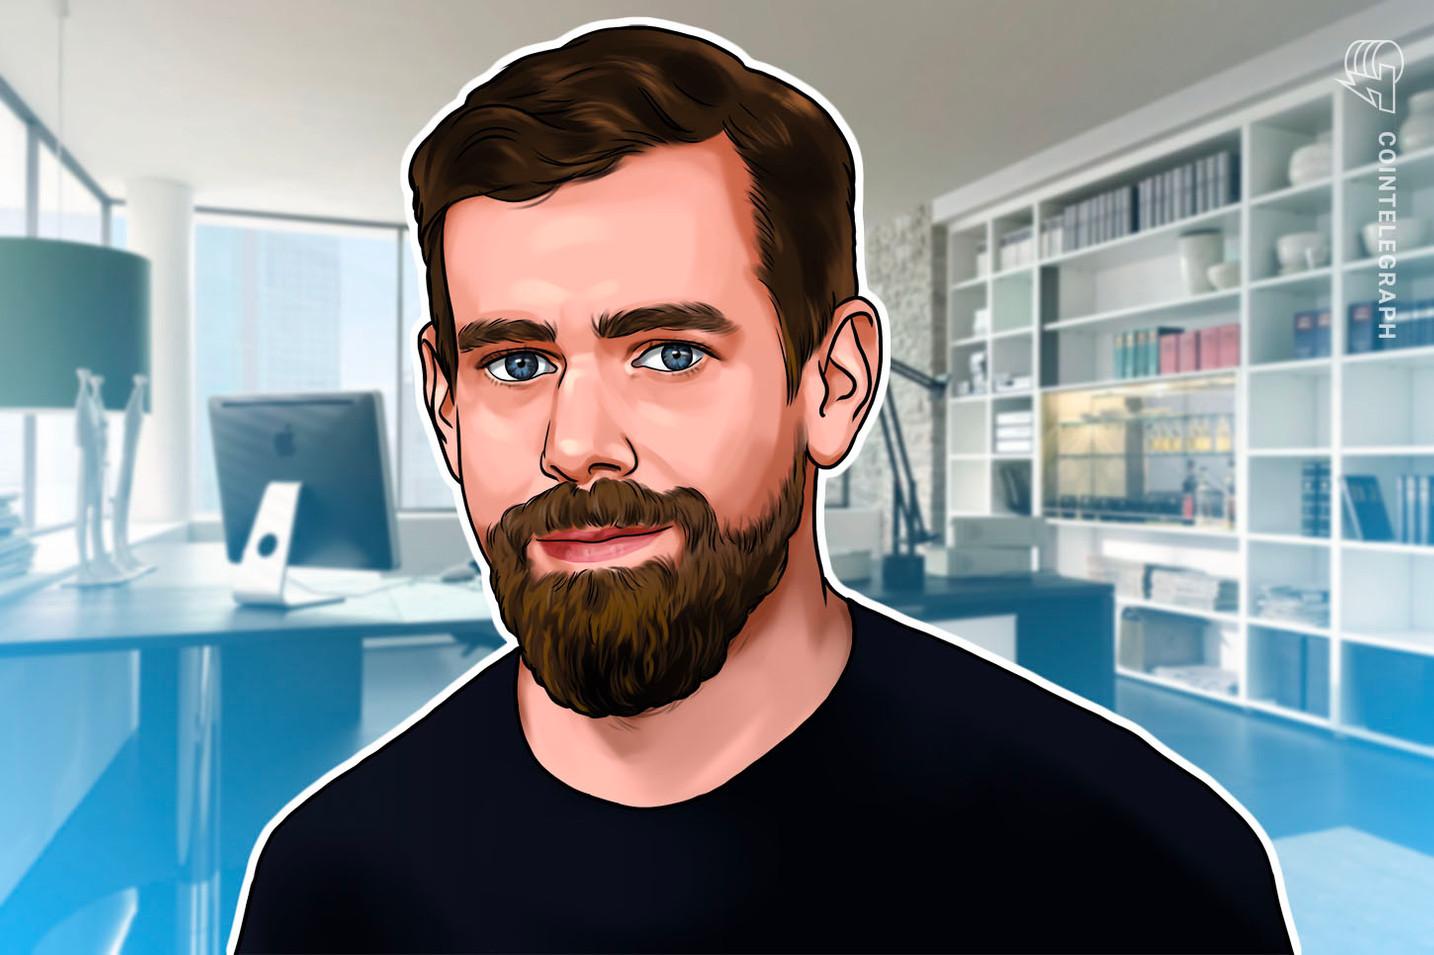 ツイッターのドーシーCEO「仮想通貨ビットコインはインターネットのネイティブ通貨」現在の課題も指摘